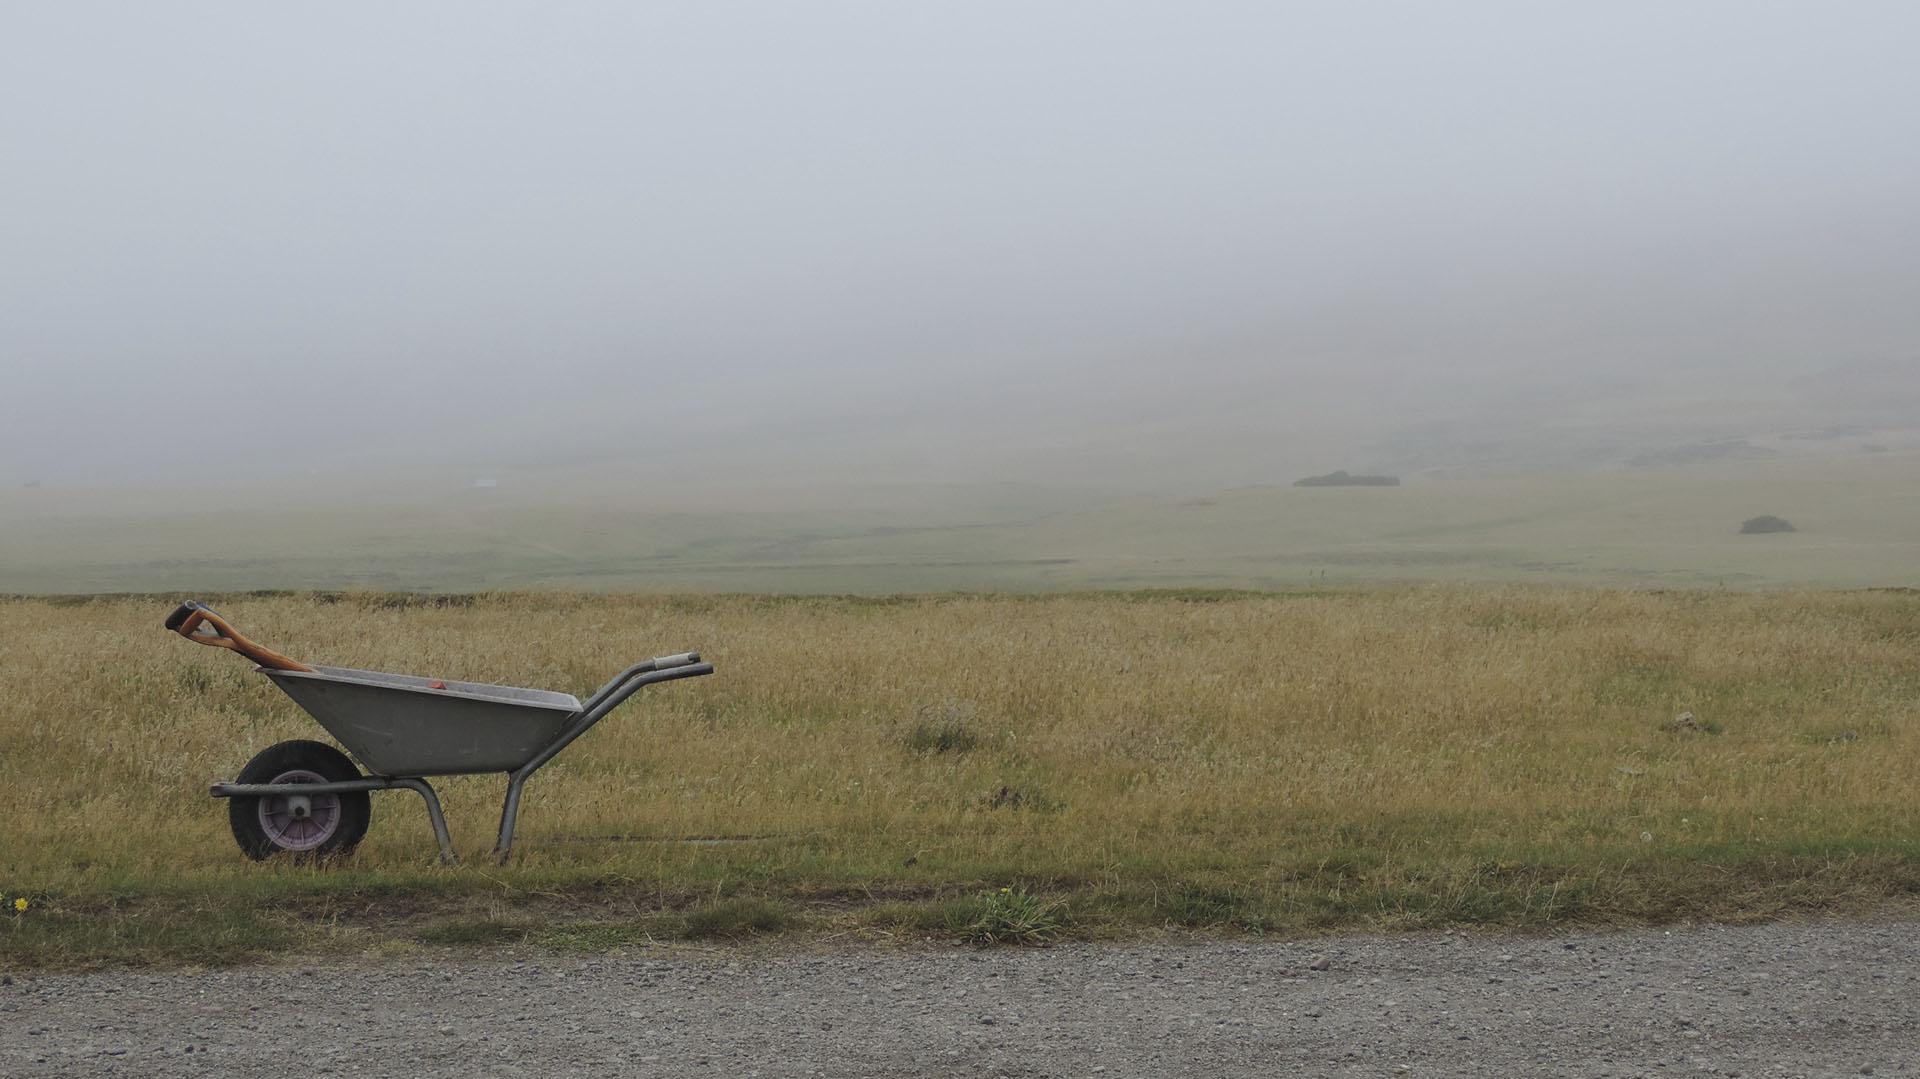 En el paisaje desolador de las islas Malvinas, los primeros camps dependieron de los ingresos derivados de la lana. Ahora son mini pymes familiares que producen alimentos y se han modernizado, abriendo oportunidades a la carne. Existe una población que vive de una actividad rural activa